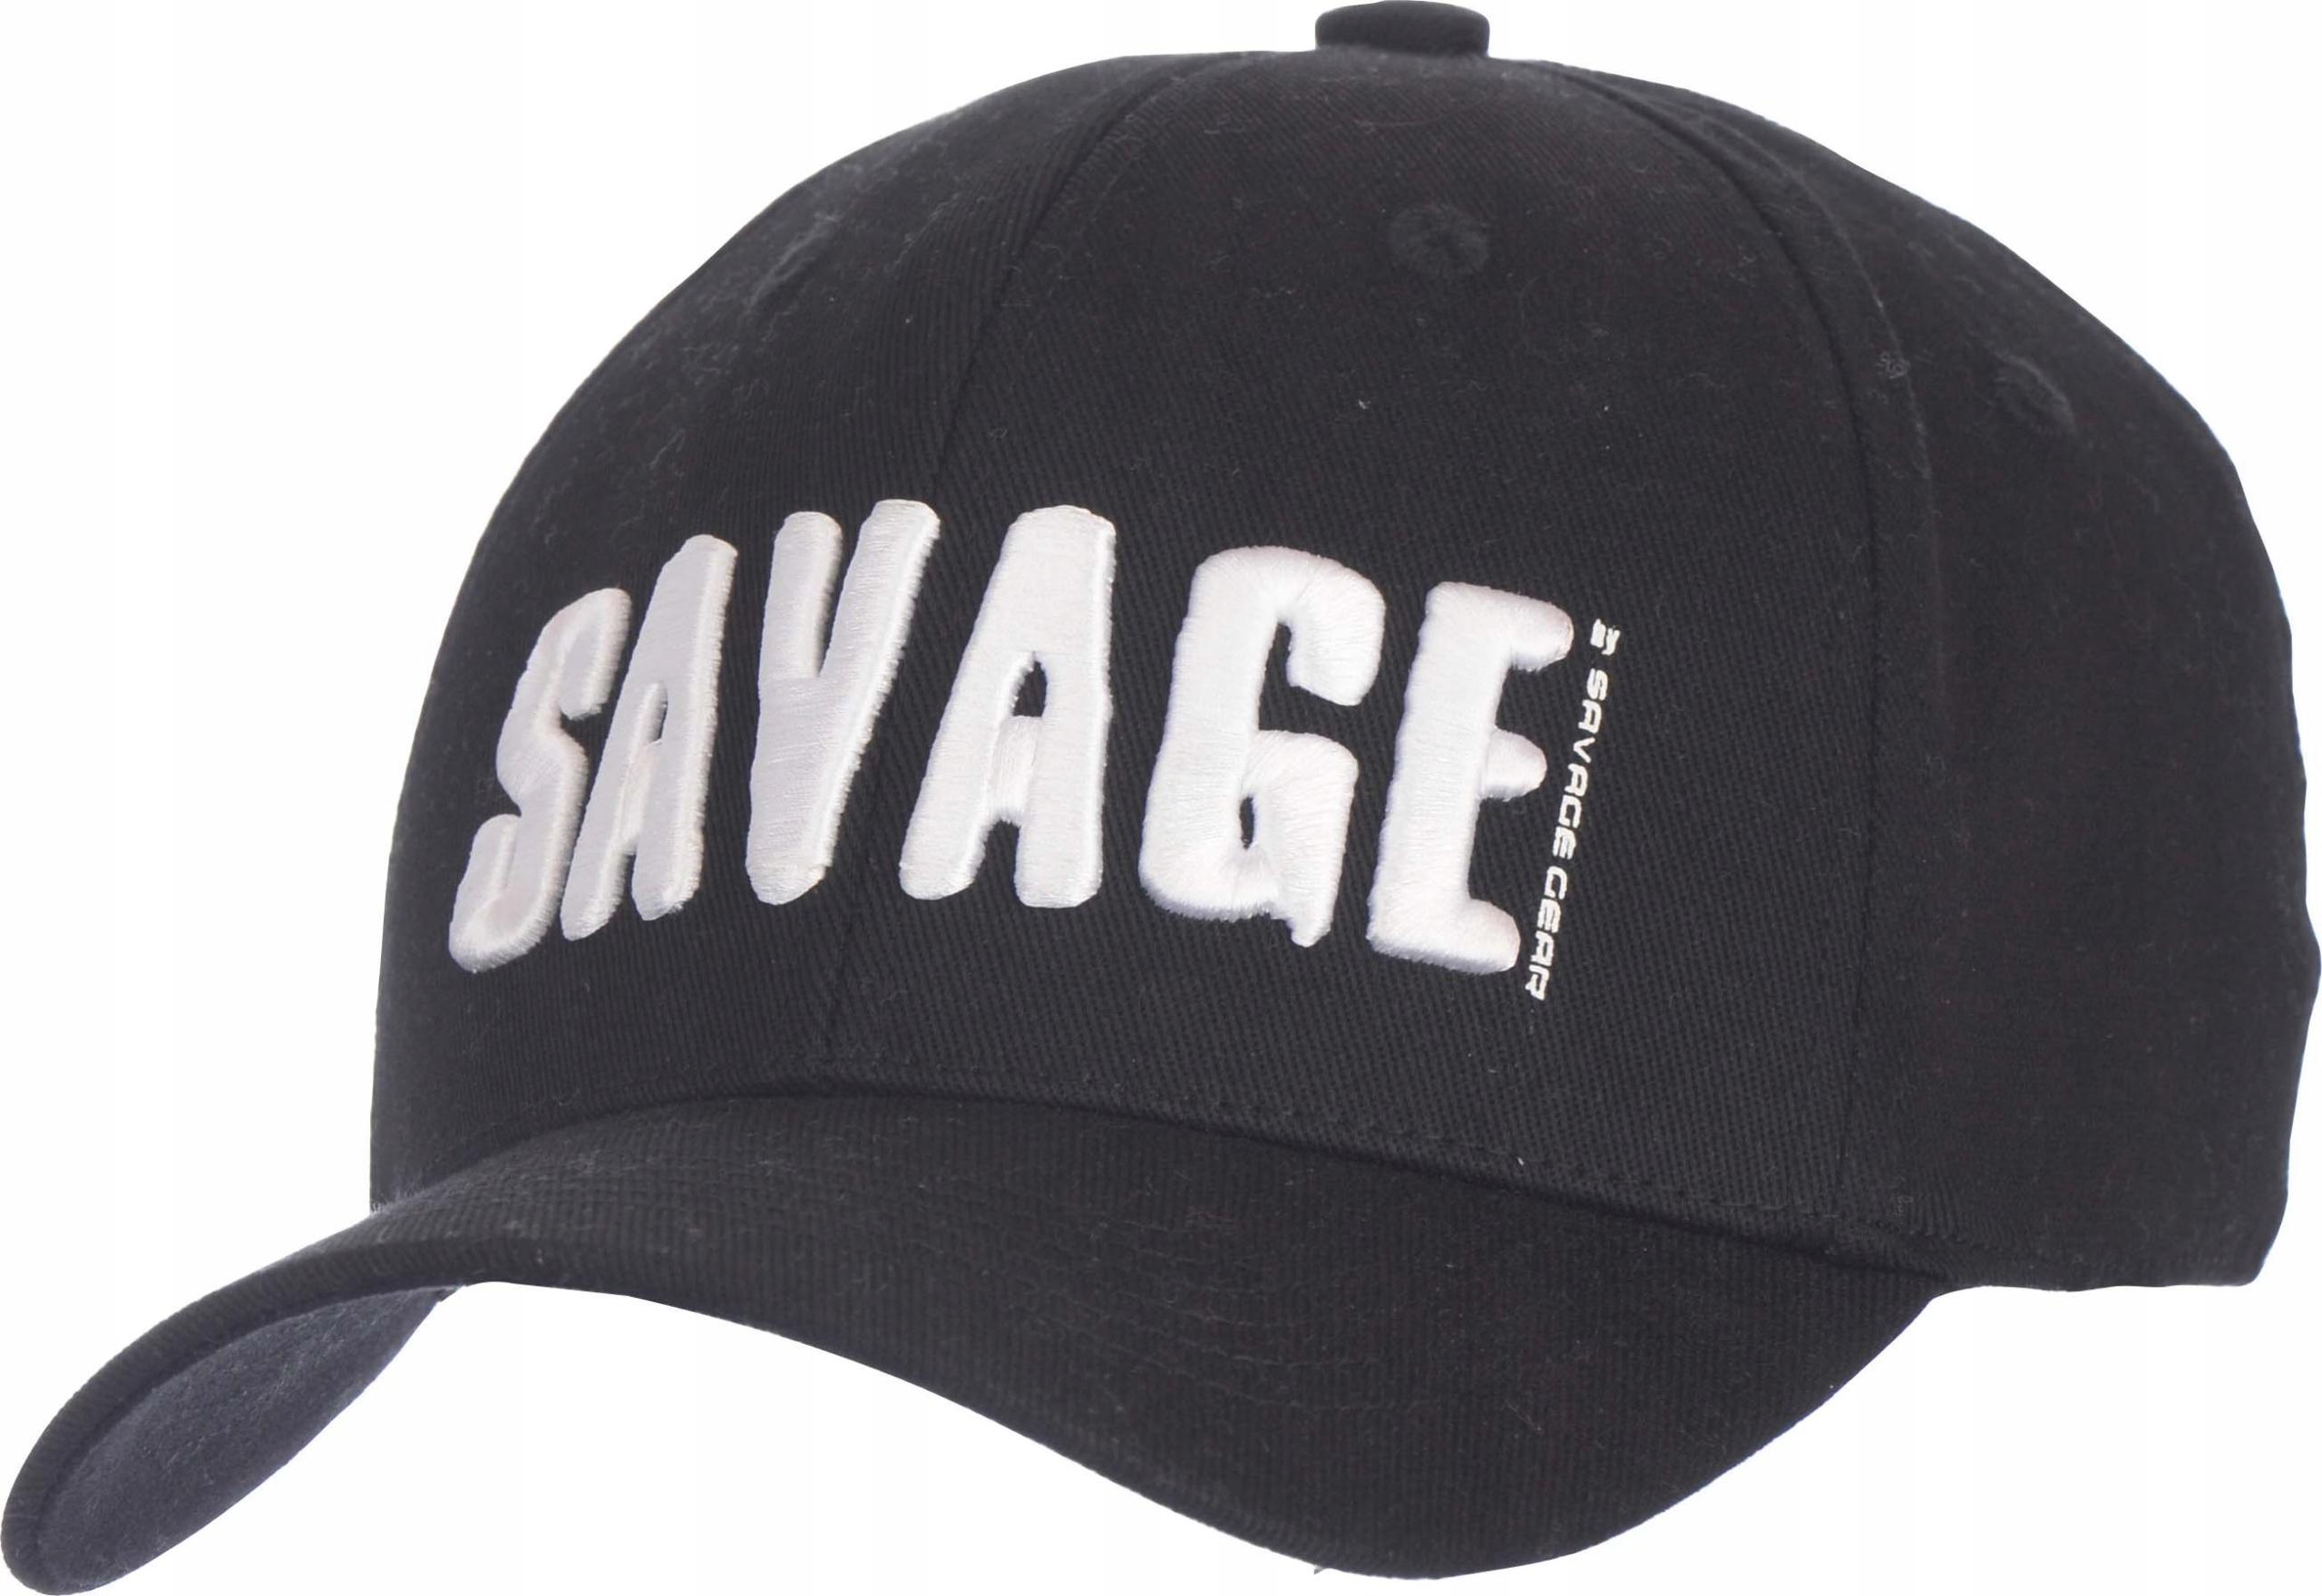 Купить Savage Gear ШАПКА ДЛЯ РЫБАЛКИ SIMPLY Savage Цветов!!! ЛОГОТИП на Eurozakup - цены и фото - доставка из Польши и стран Европы в Украину.